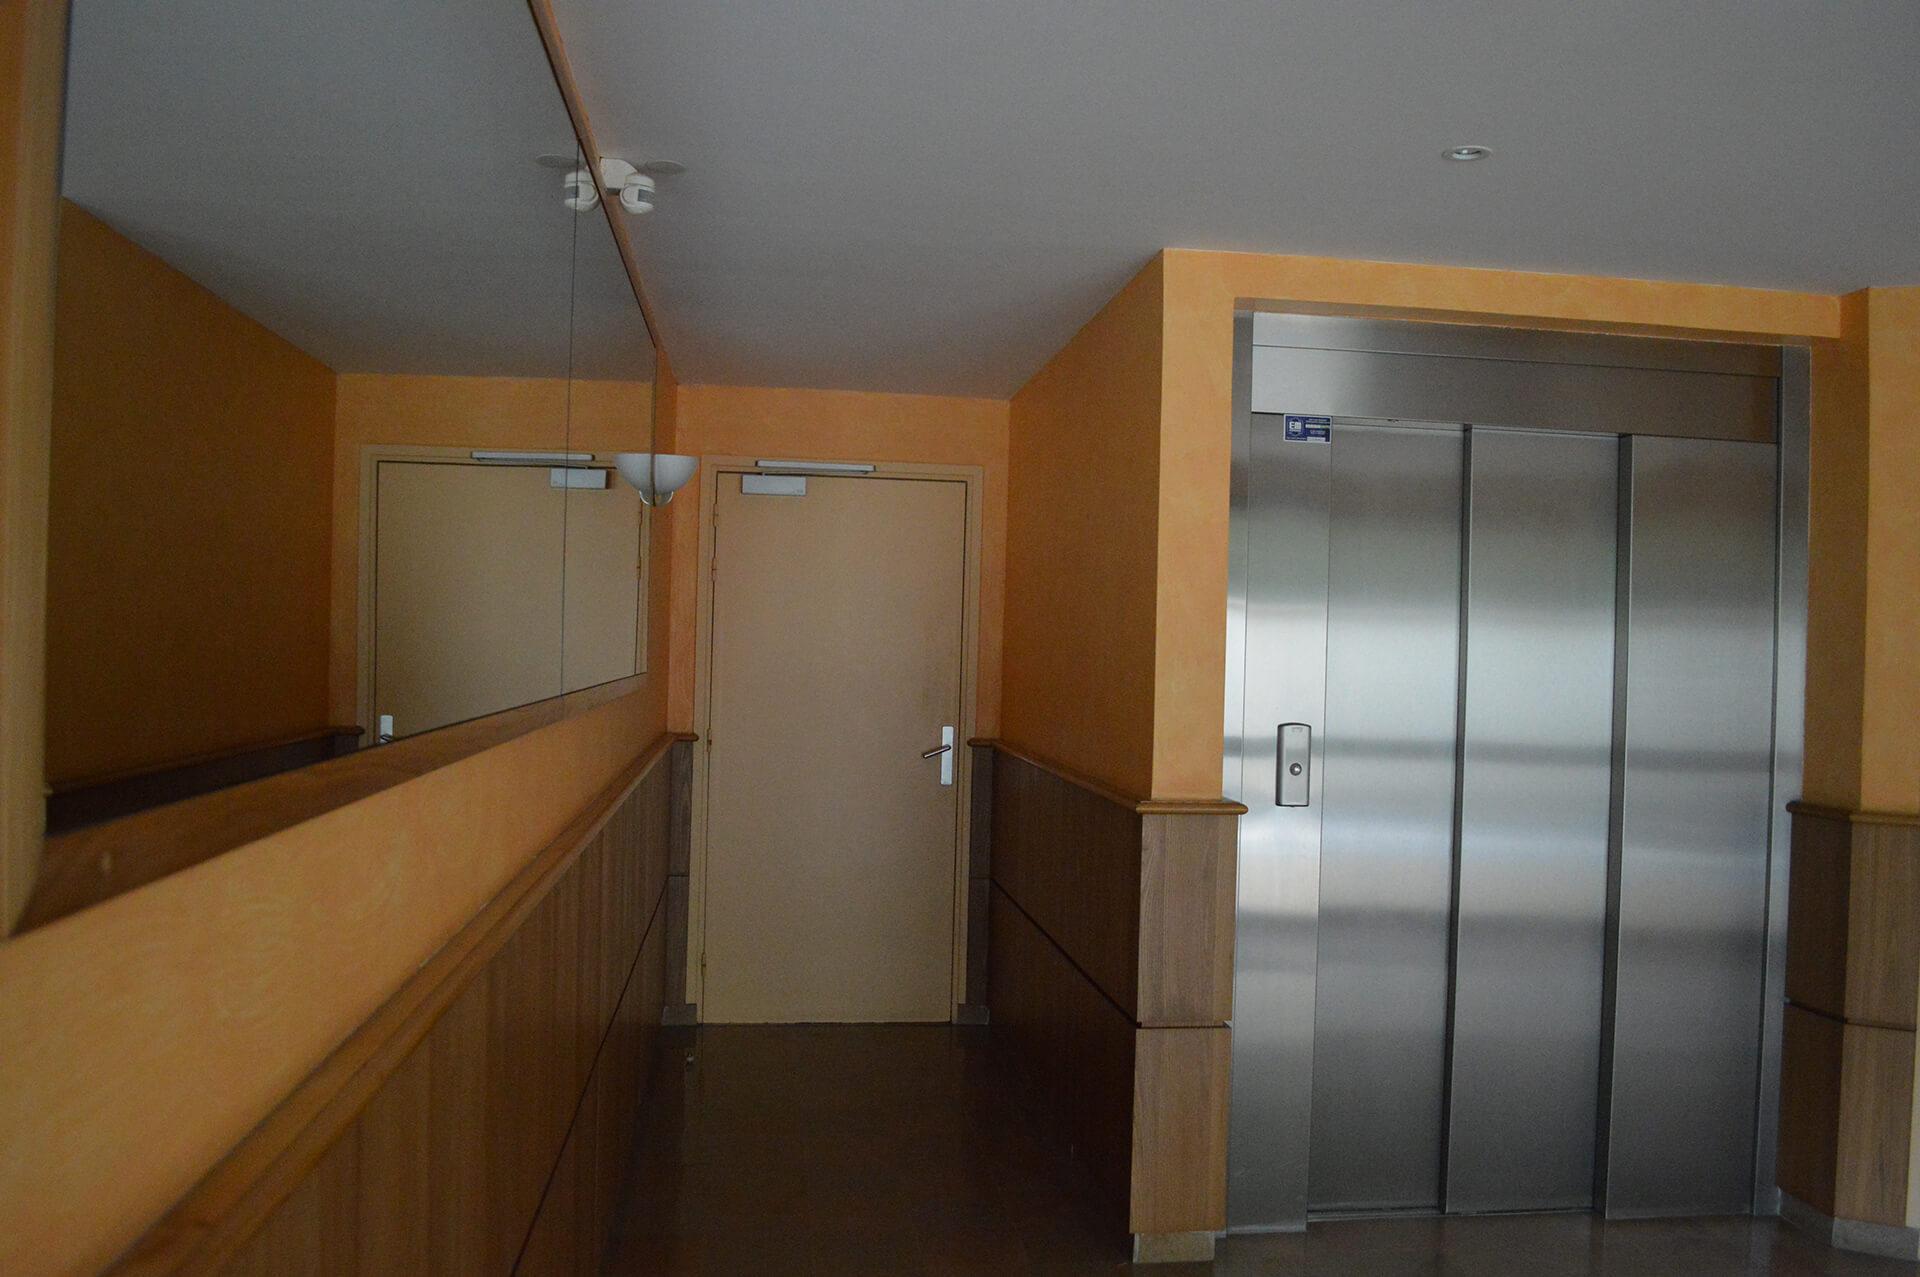 Maintenance ascenseur numéro 1 Dijon - EM Ascenseurs expert